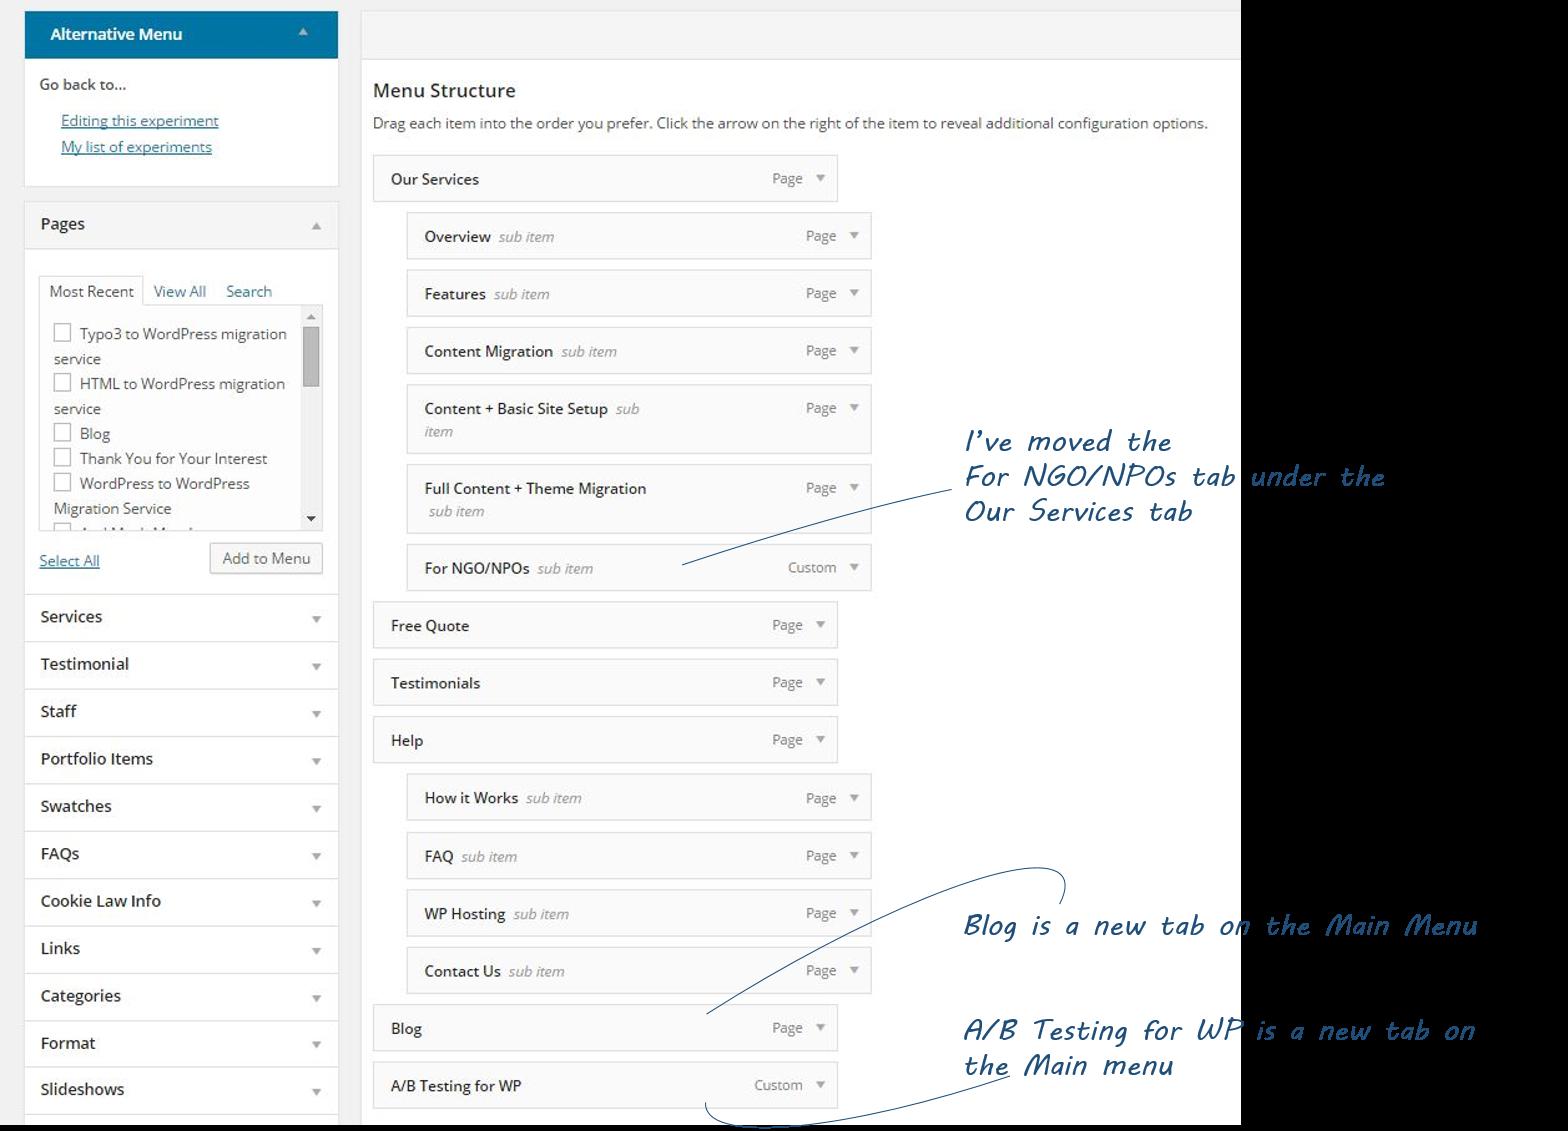 Screenshot of Editing New Menu of Menu Tests